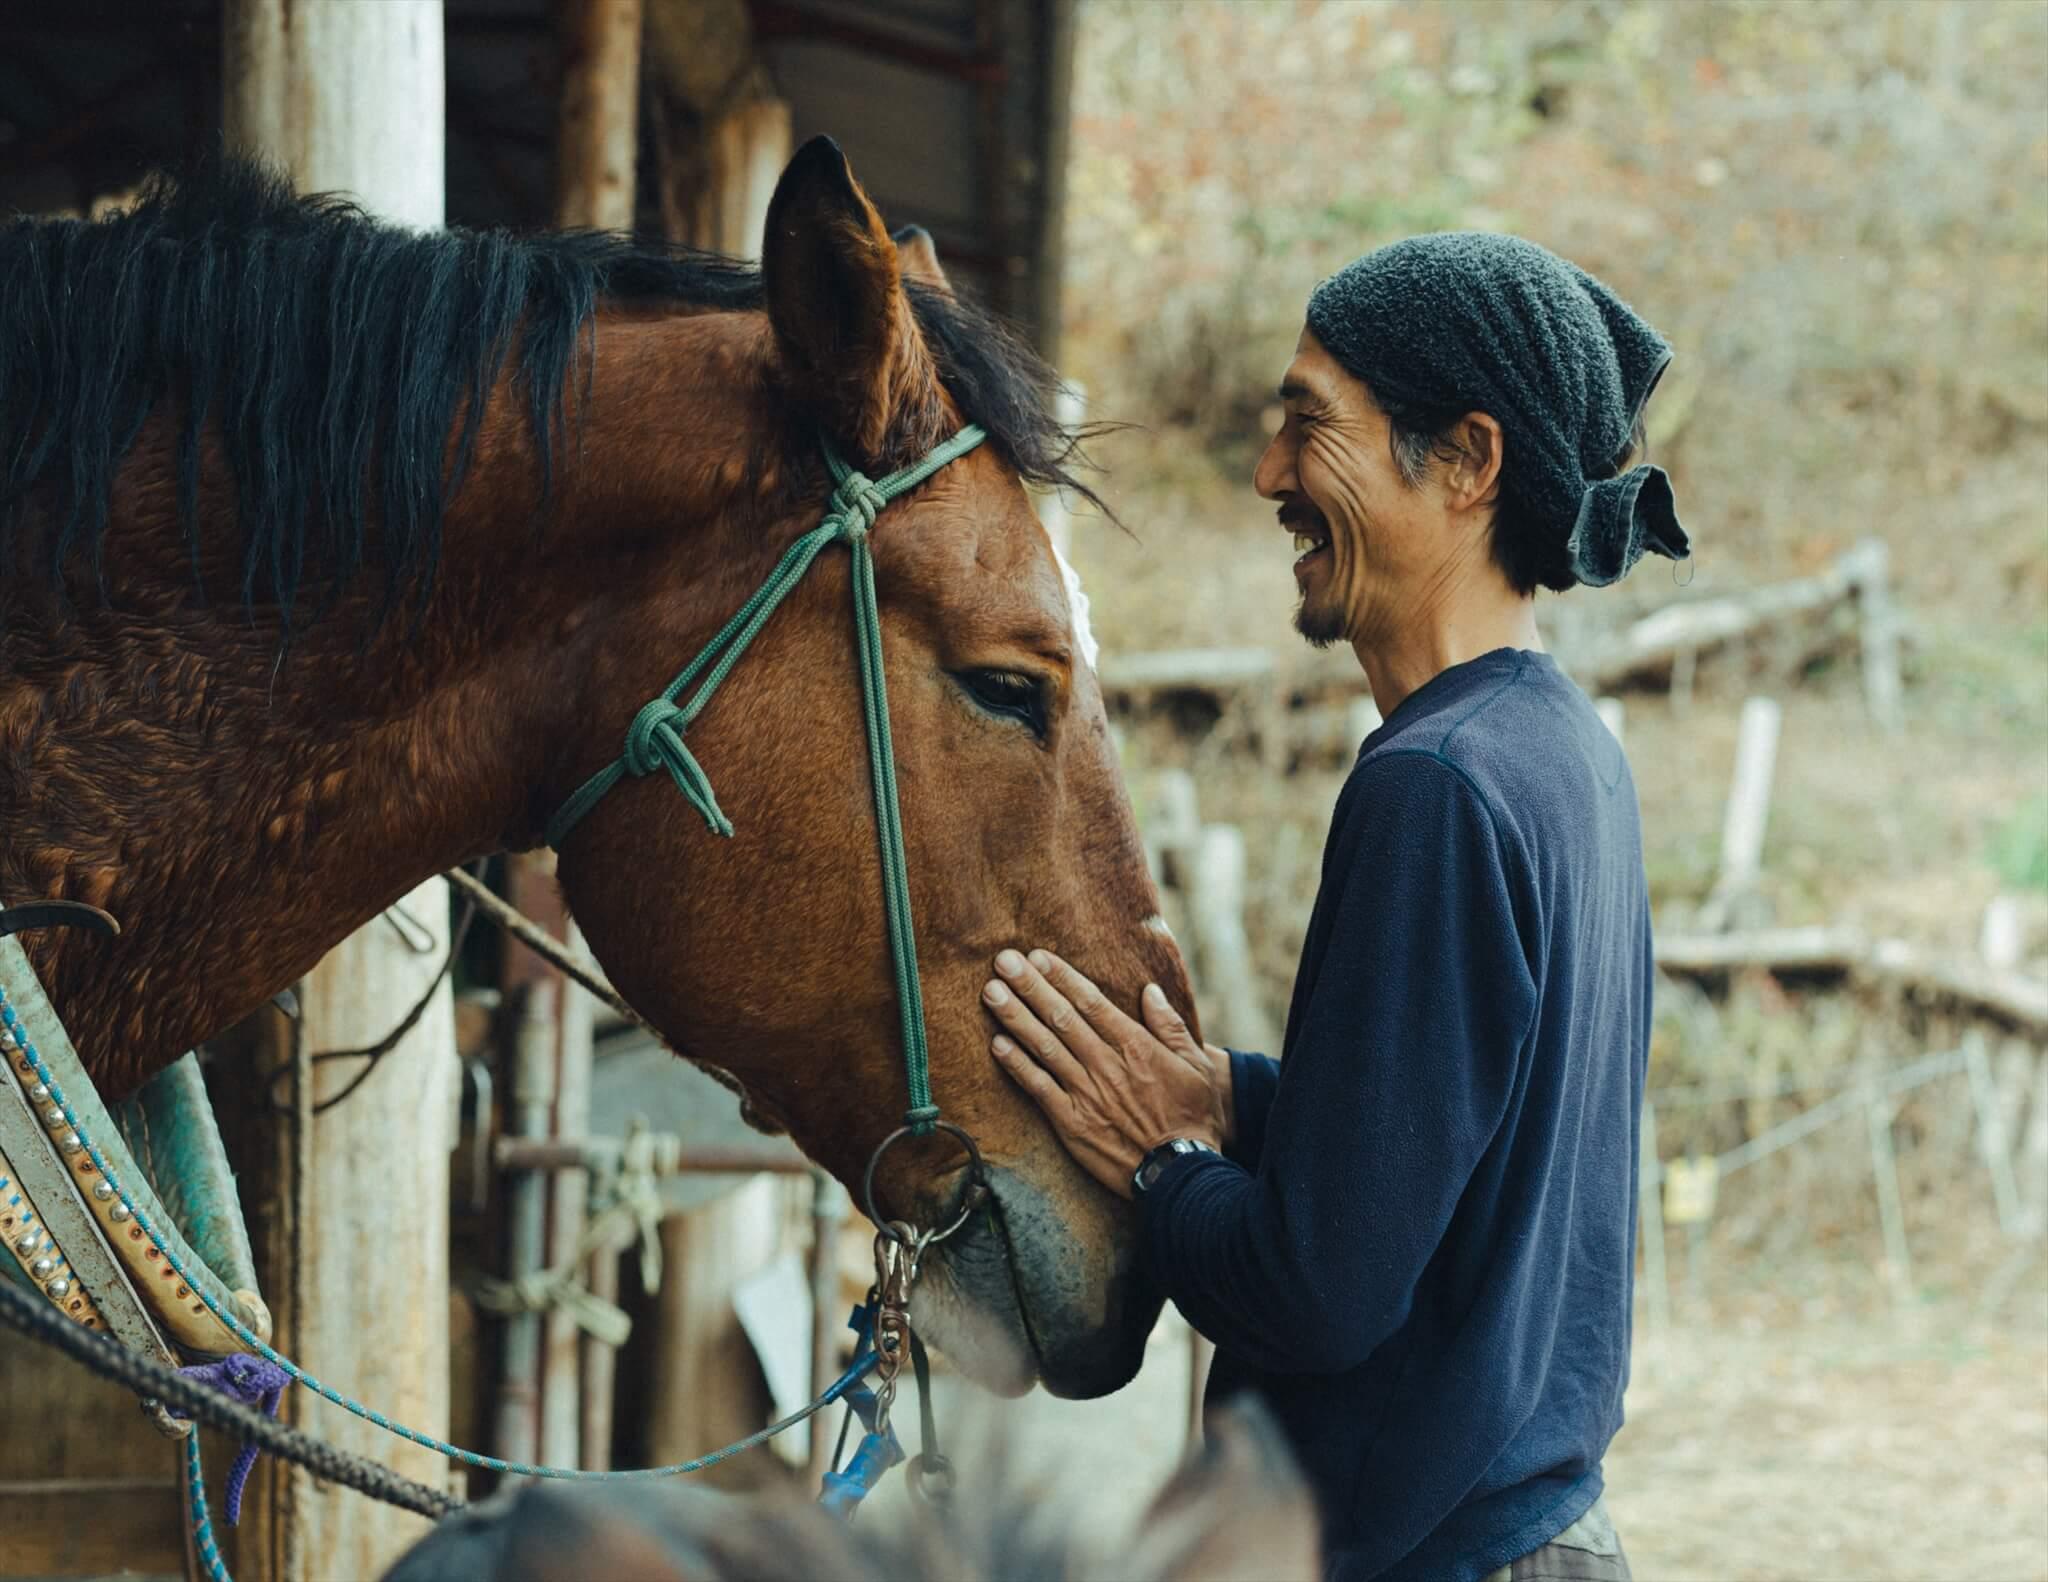 柳沢林業で馬の世話を担当する犬飼さん